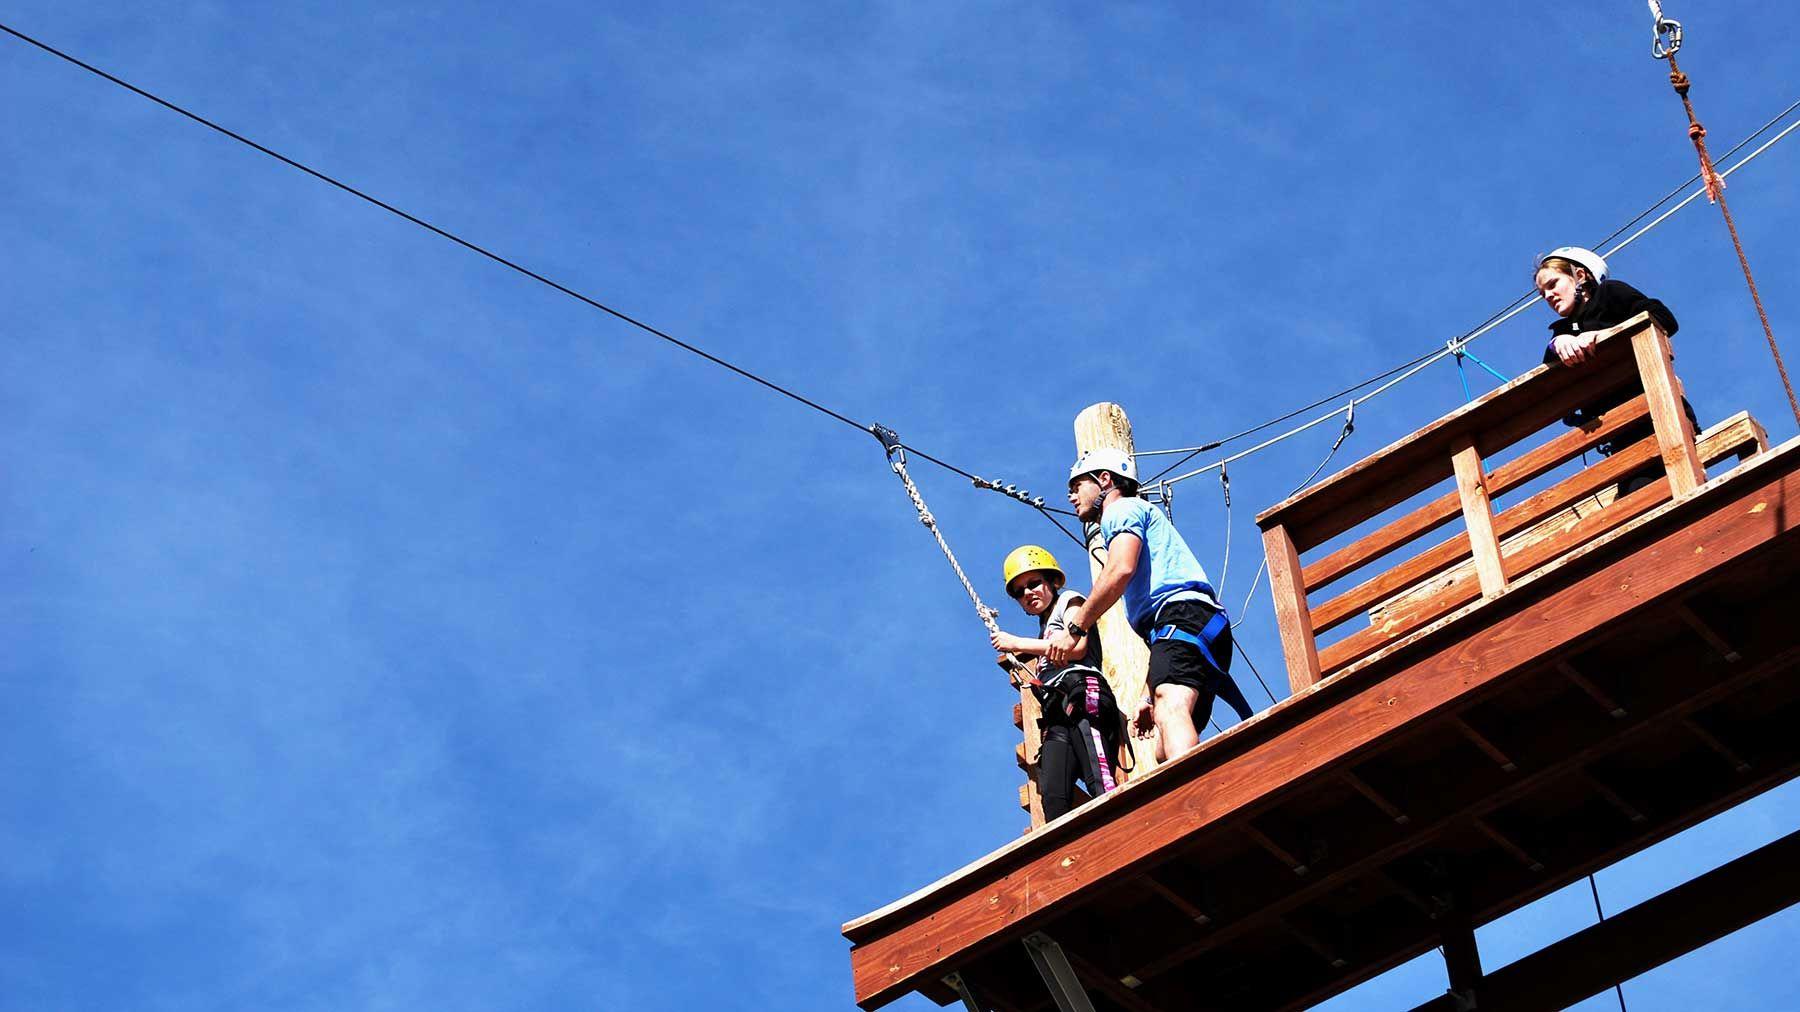 Zip Lines Ziplining Colorado Vacation Vacation